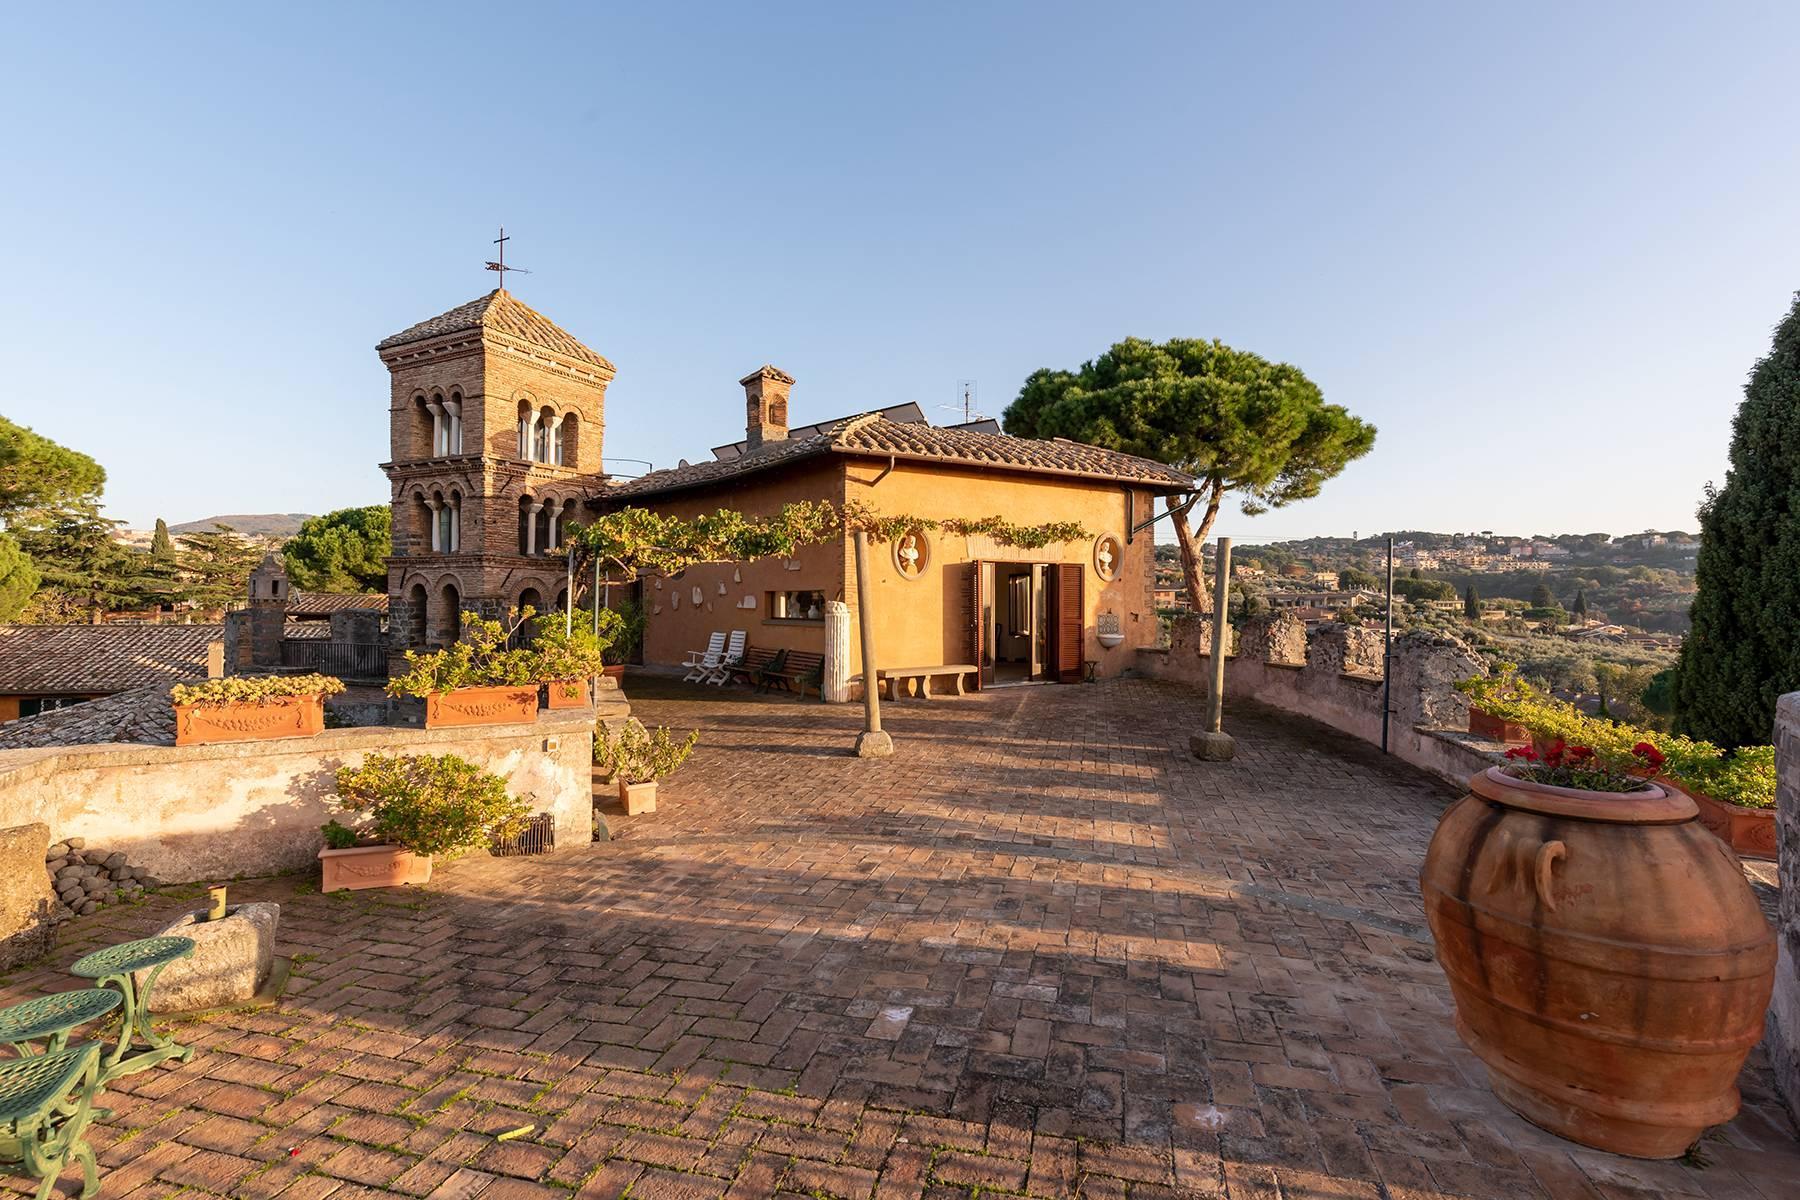 Kloster aus dem dreizehnten Jahrhunderts in der Nähe Roms - 8